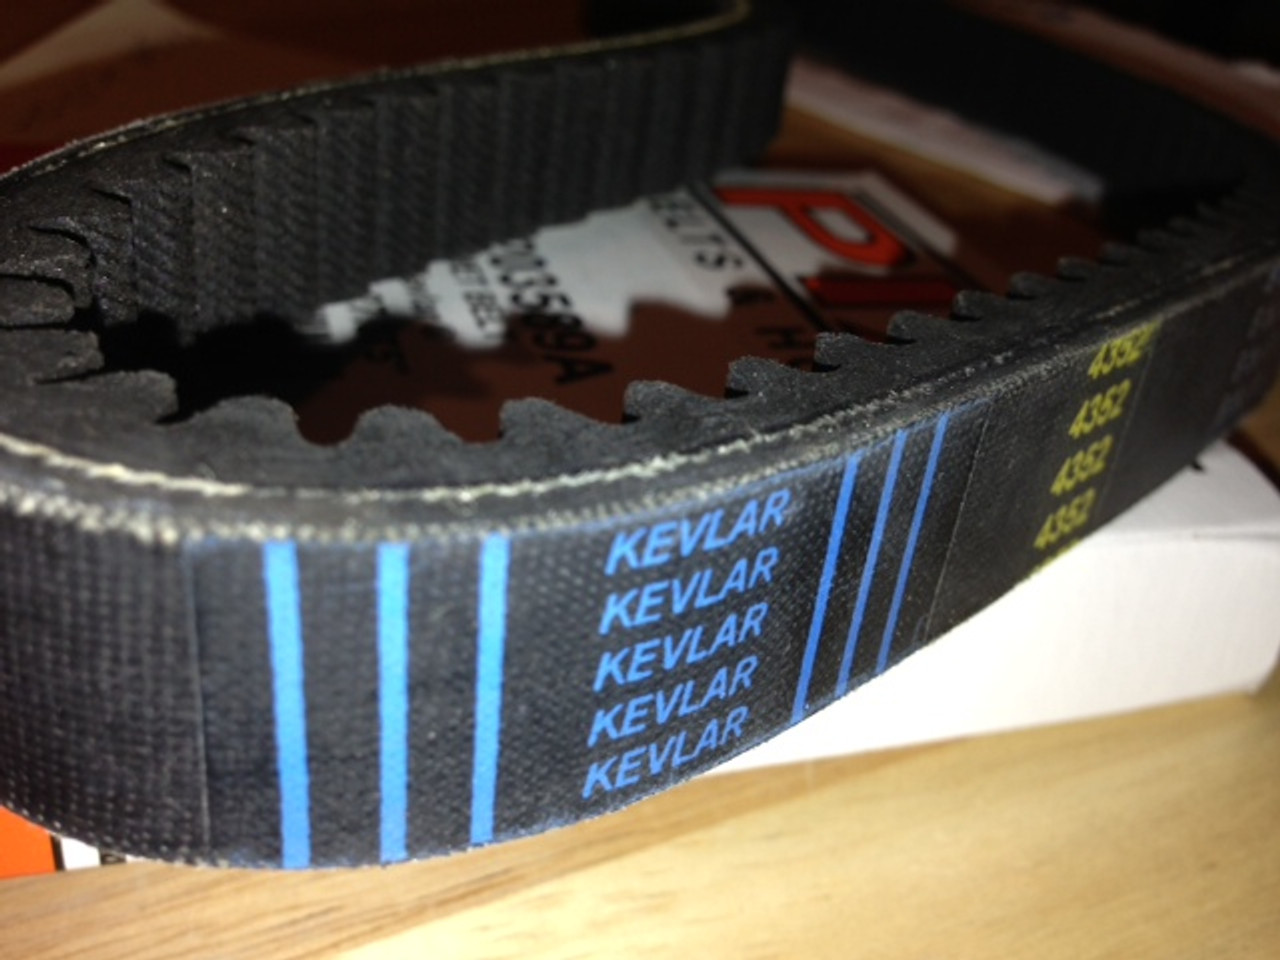 Kevlar Belt Xrs mid, Hammerhead 80t, COMET 203589